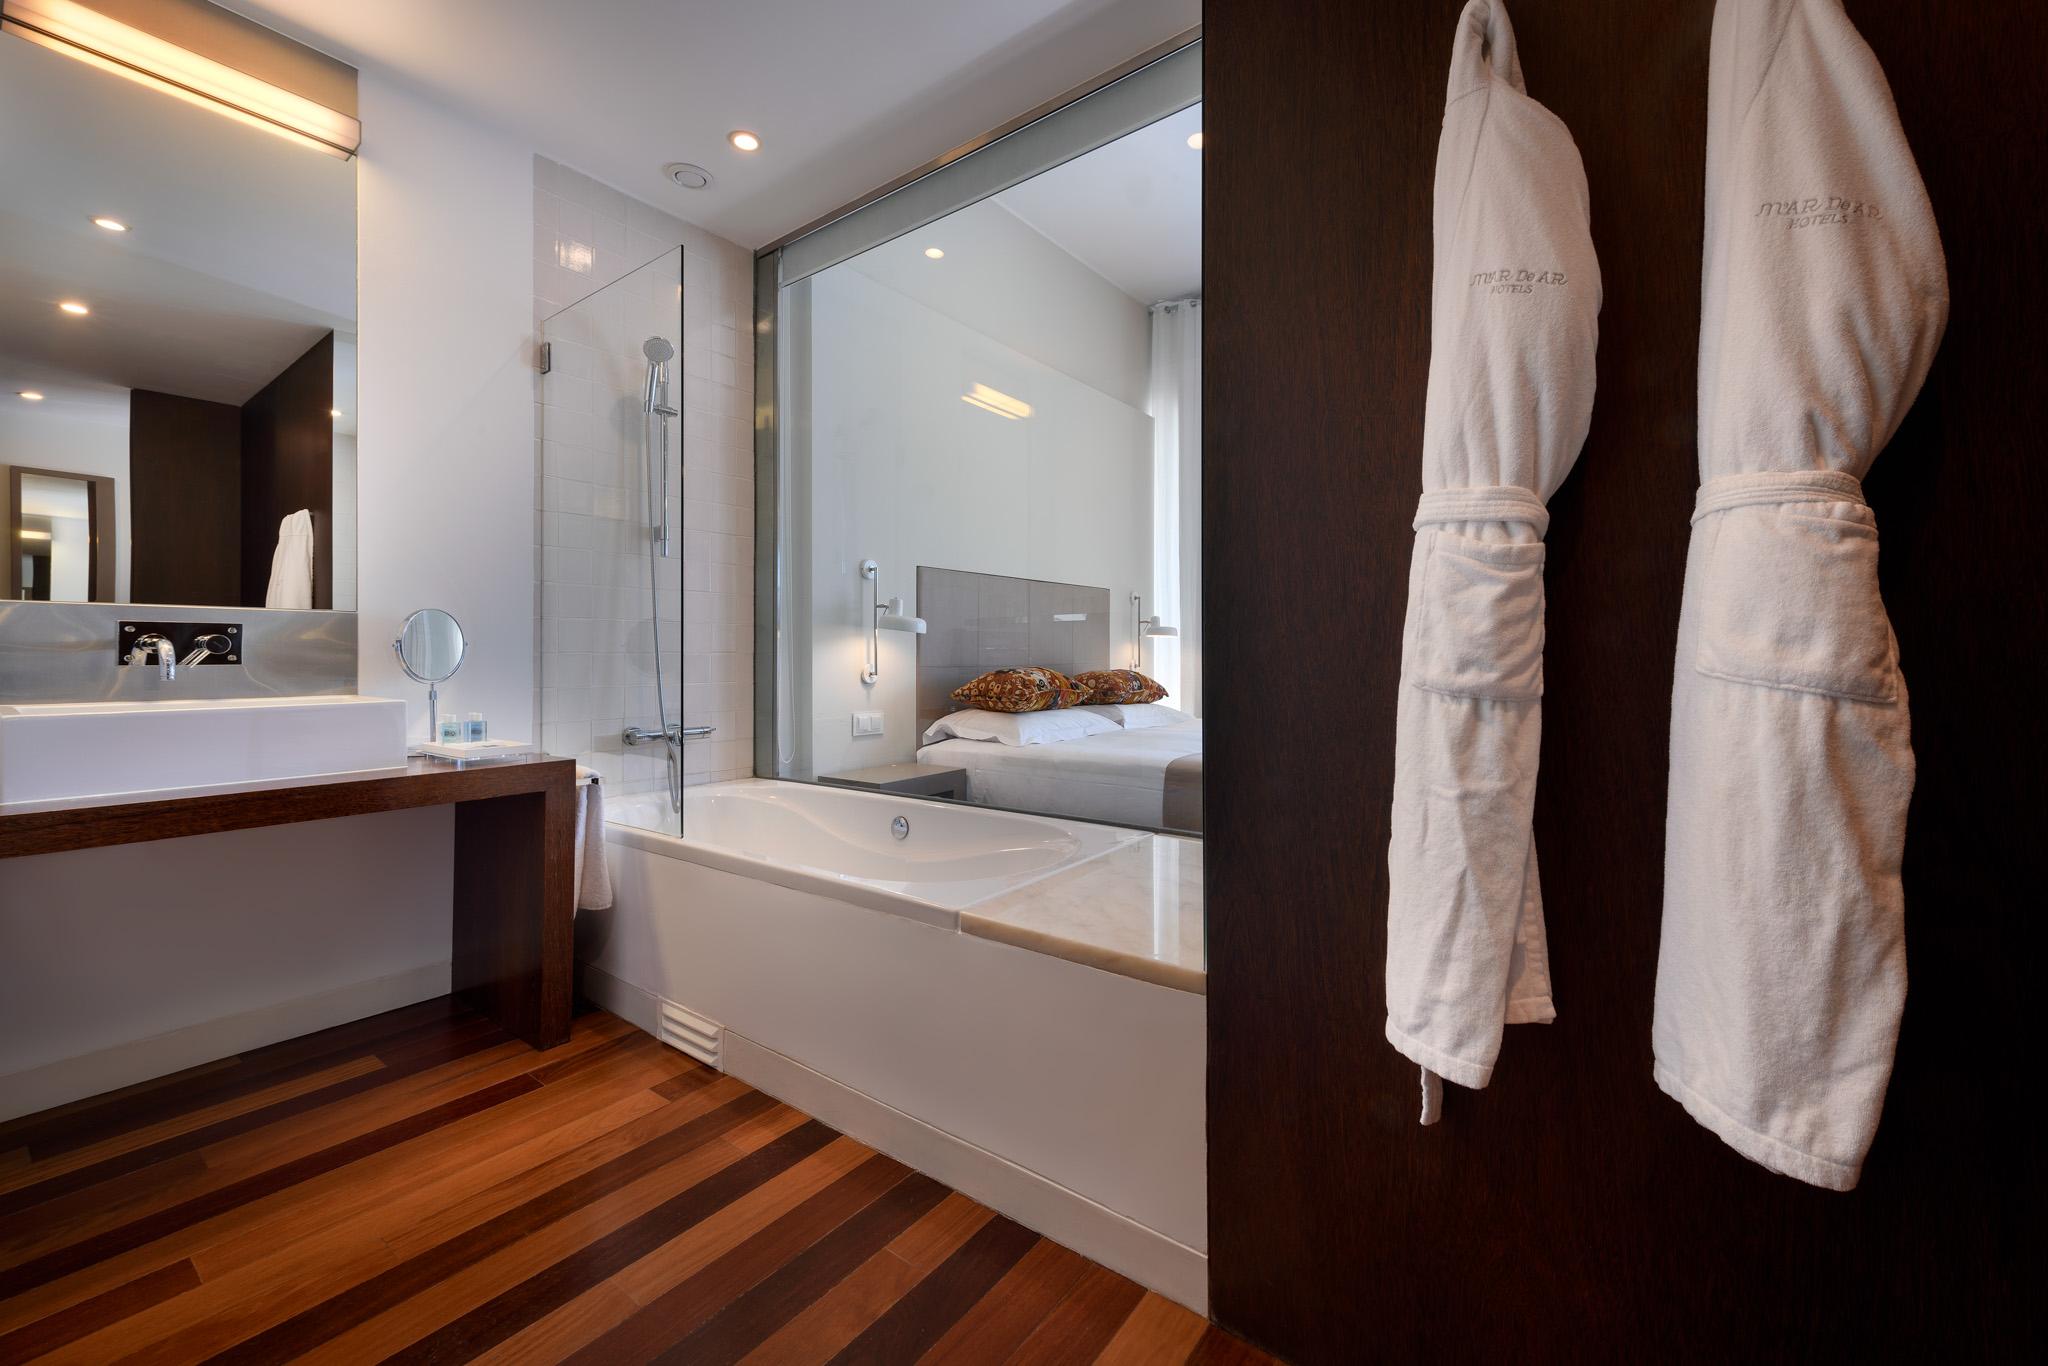 07-Quarto 218-casa de banho.jpg